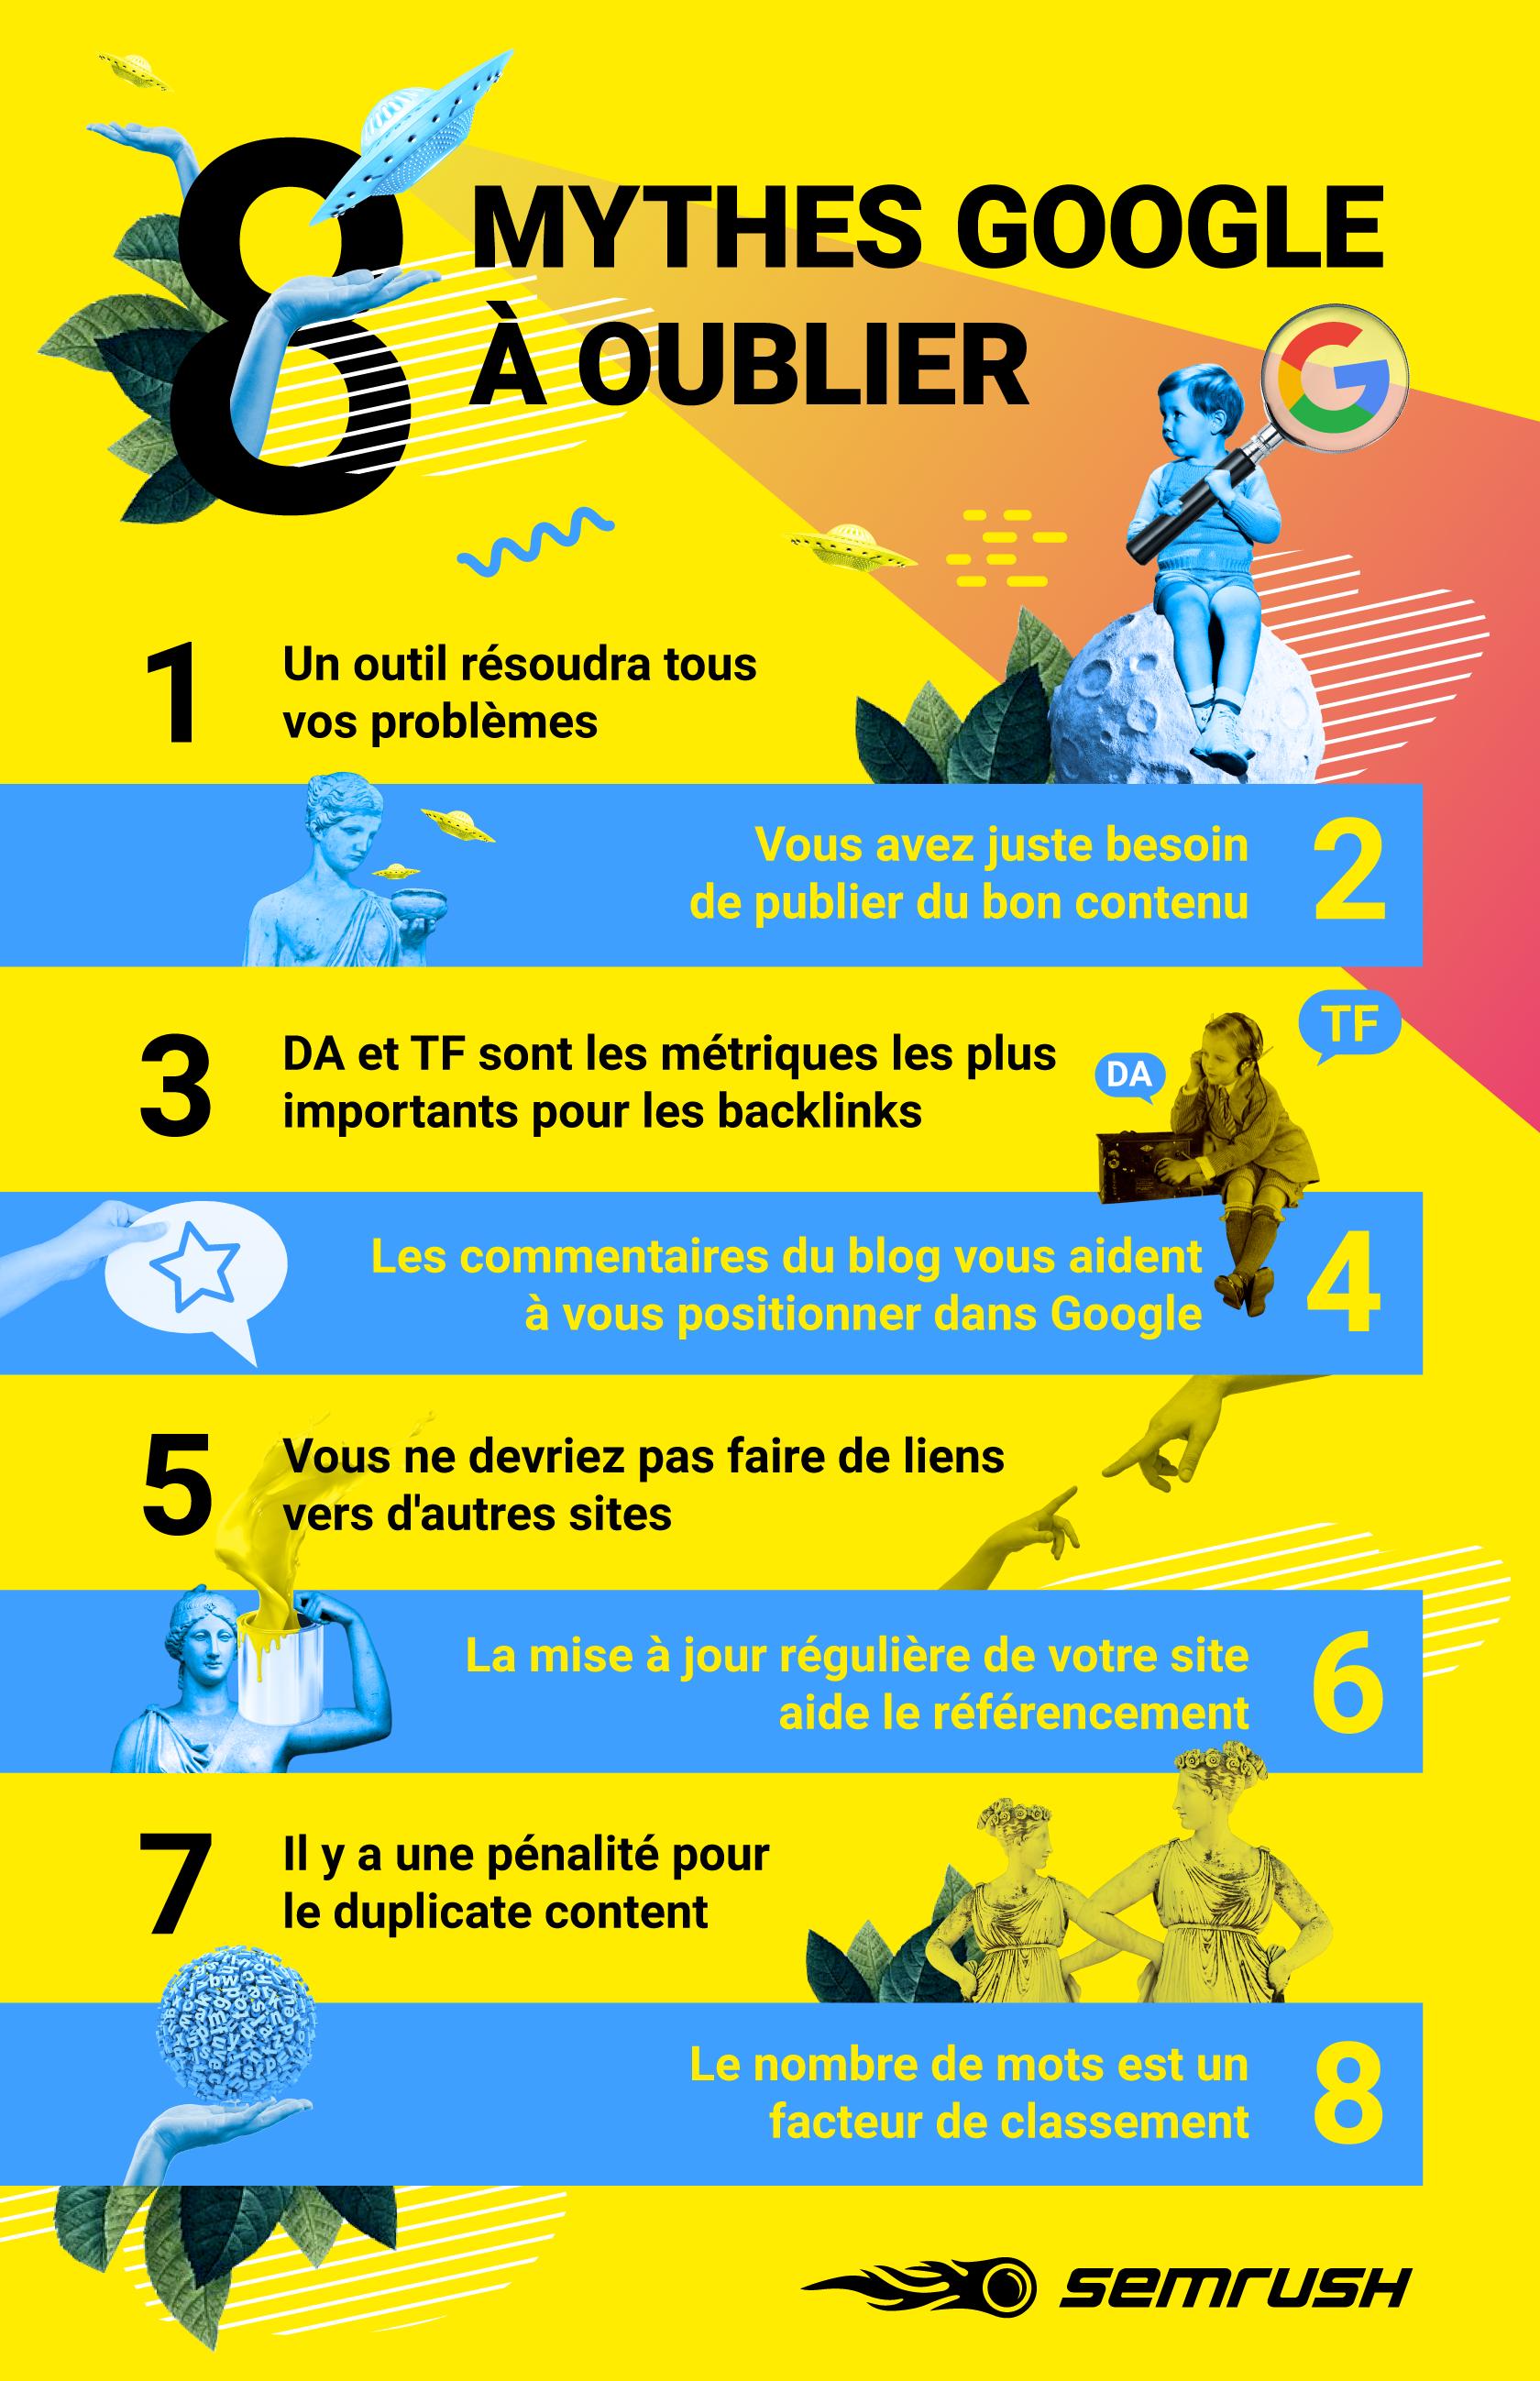 8 mythes du SEO à oublier - Google SEMrush